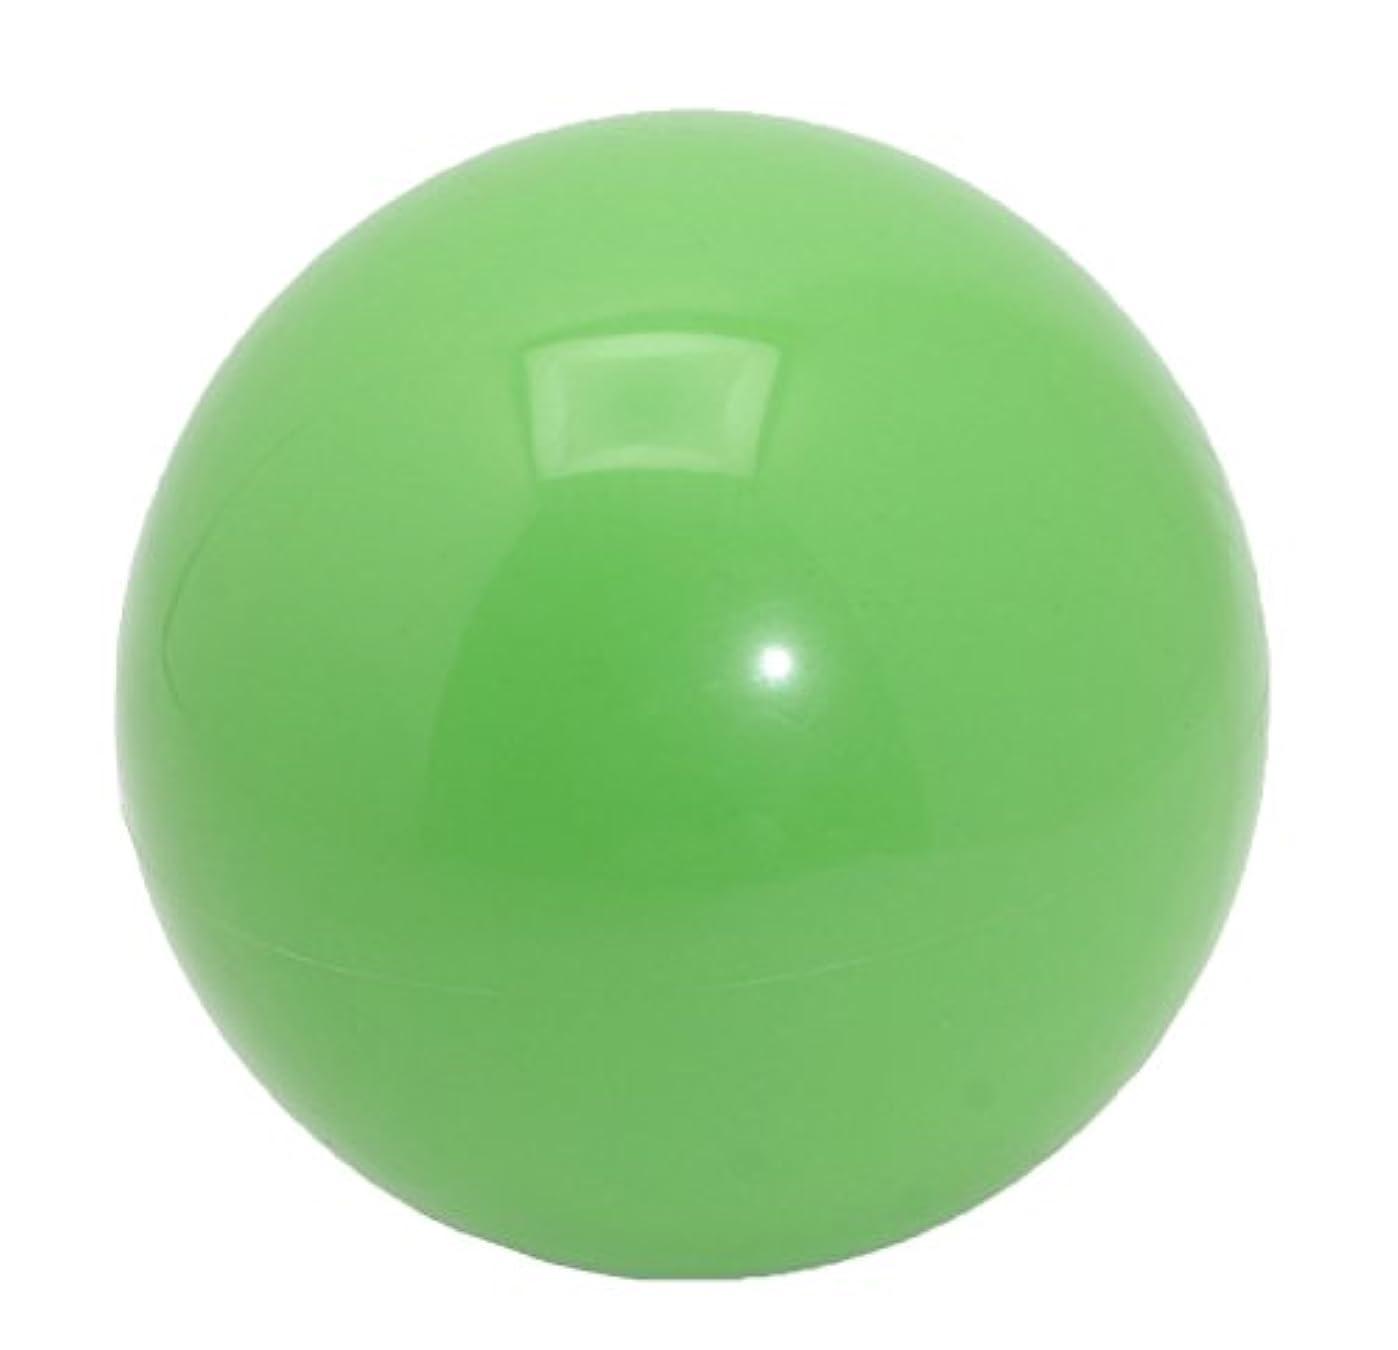 不運用心するスラッシュ池田工業社 カラフルフレンドボール8号 緑